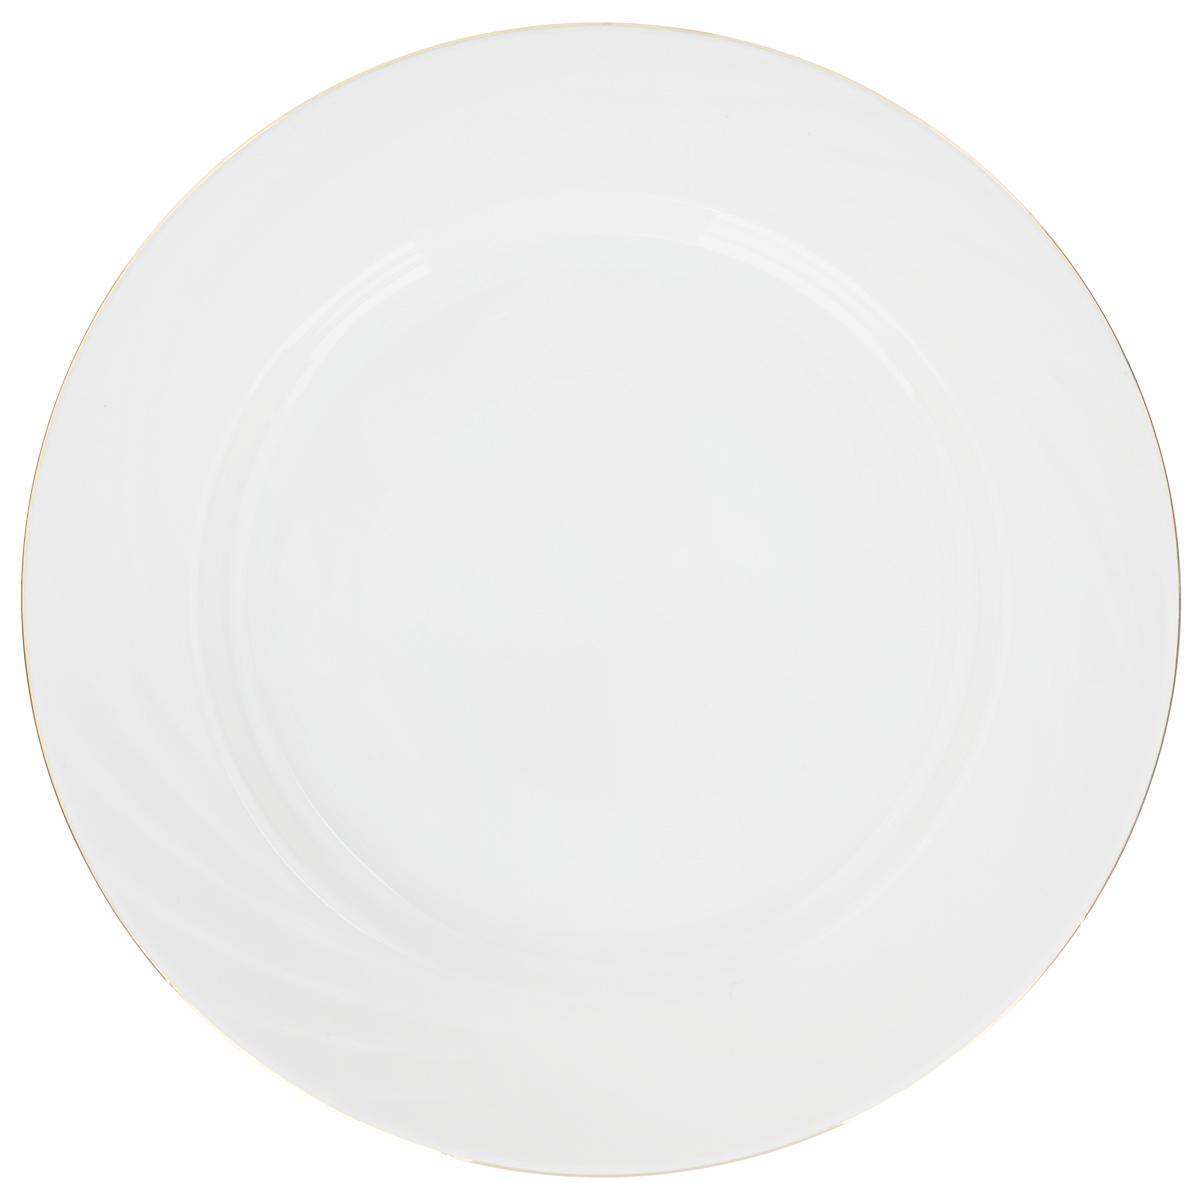 Тарелка Голубка, диаметр 24 см1038365Тарелка Голубка, изготовленная из высококачественного фарфора, имеет изысканный внешний вид. Яркий дизайн придется по вкусу и ценителям классики, и тем, кто предпочитает утонченность. Тарелка Голубка идеально подойдет для сервировки стола и станет отличным подарком к любому празднику.